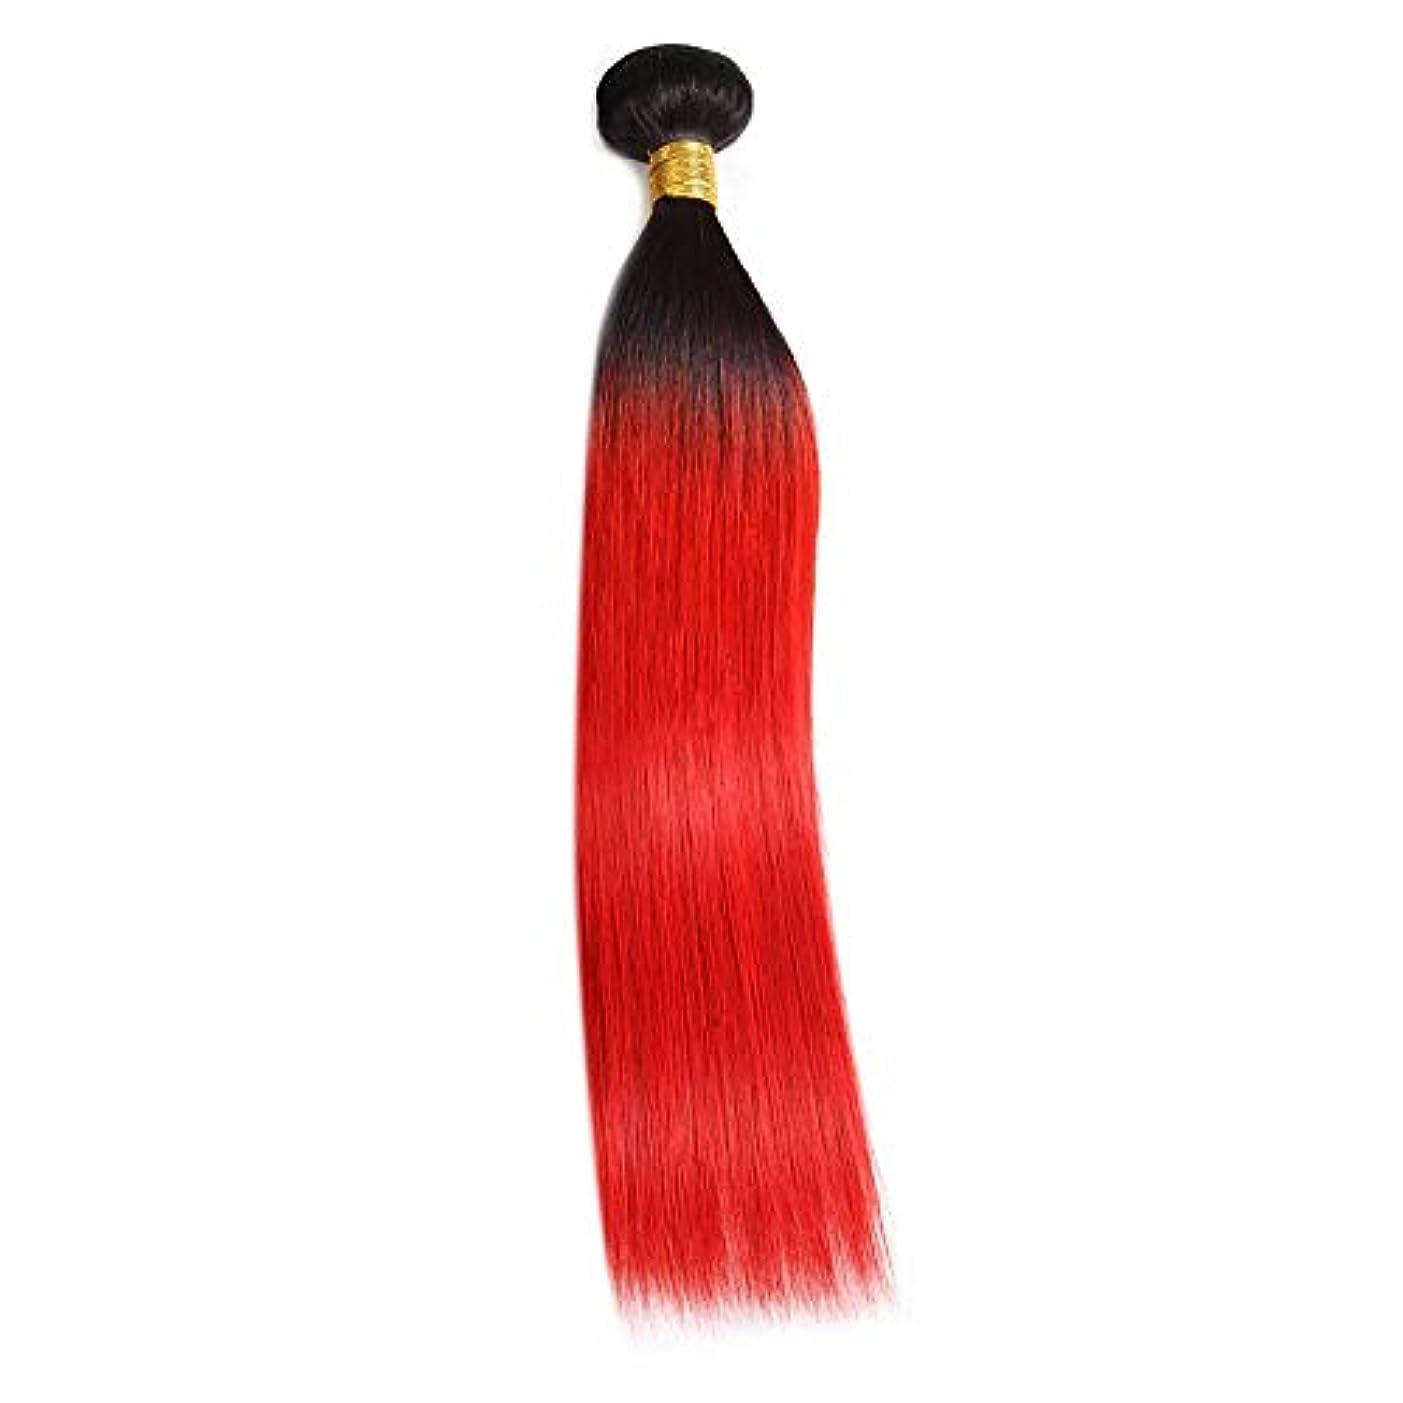 壮大な事故エミュレーションHOHYLLYA ストレートの髪飾り100%本物の人間の髪の横糸赤毛エクステンションロールプレイングかつら女性のかつら (色 : Bundle, サイズ : 18 inch)